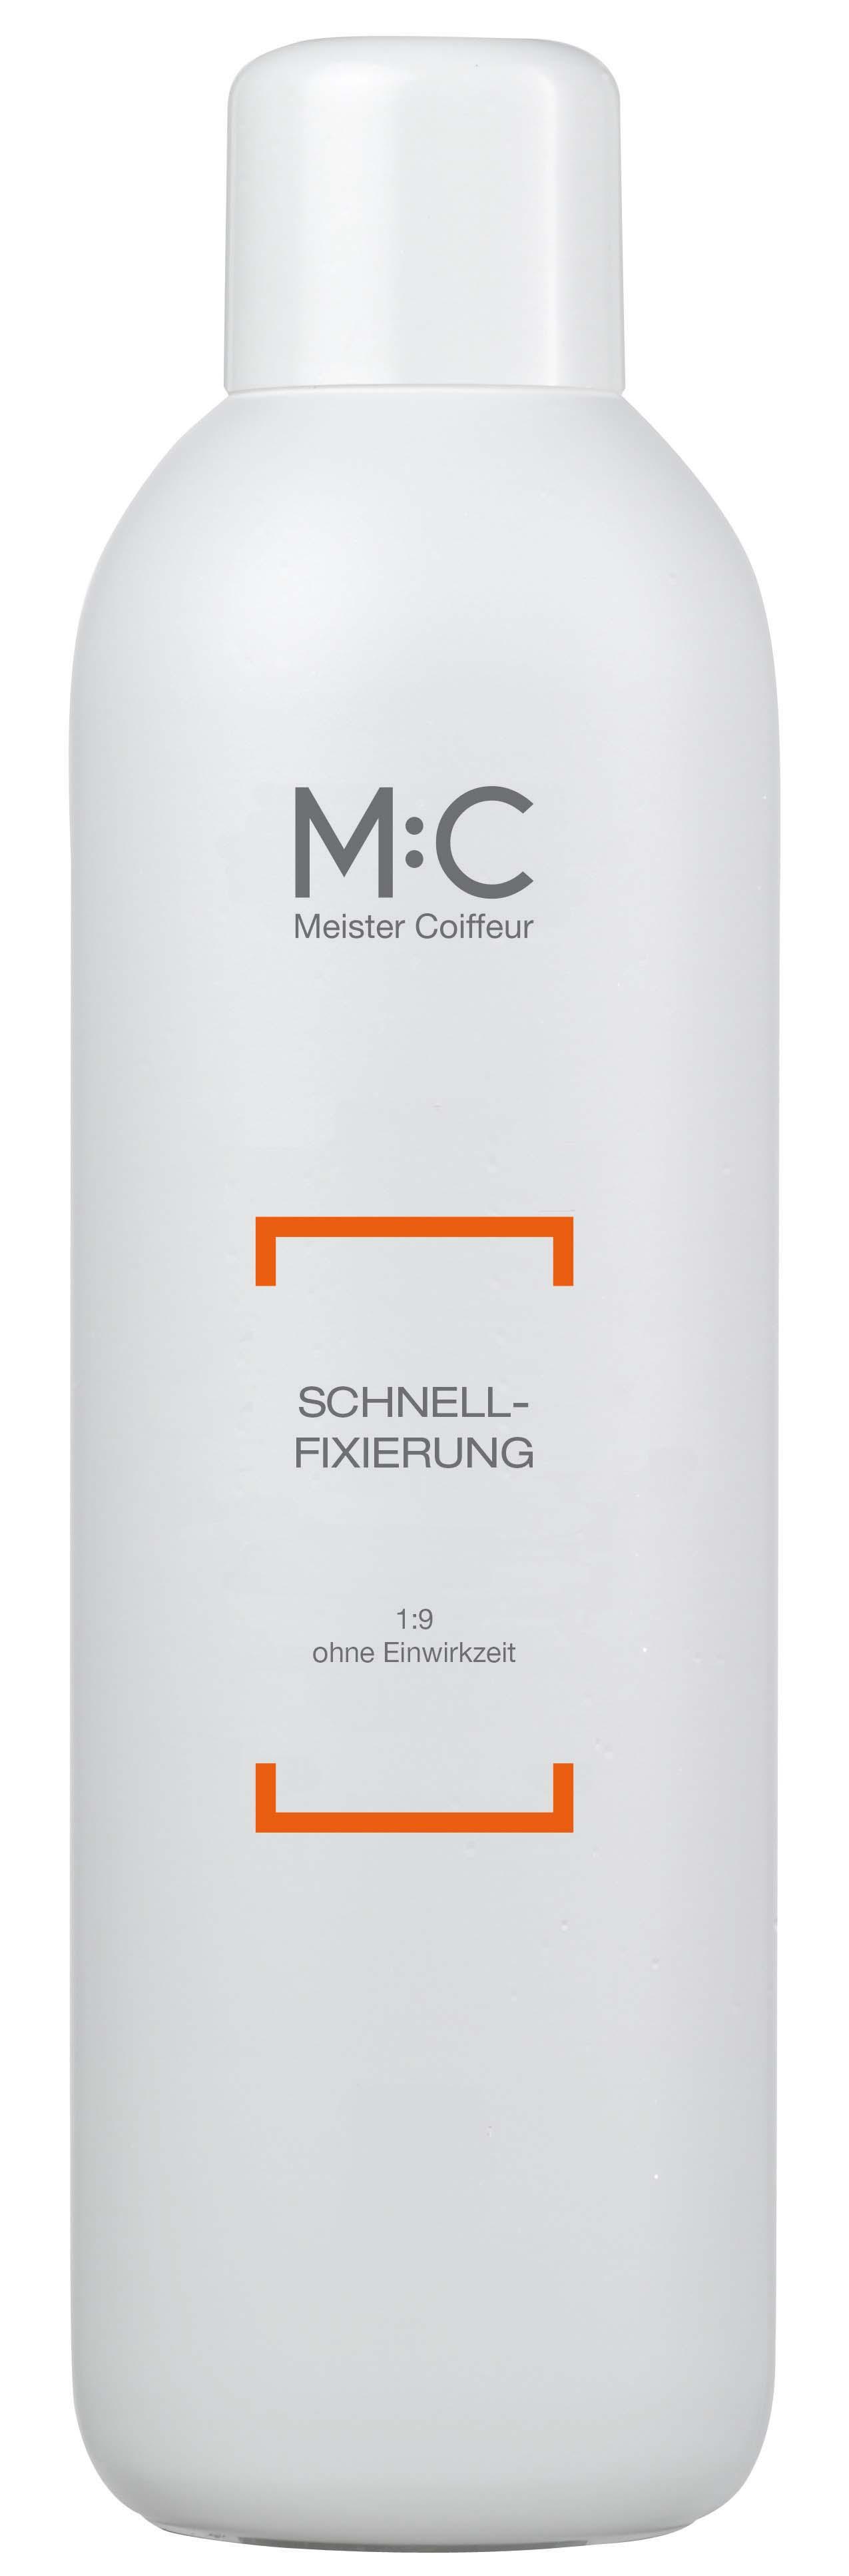 M:C Direct Fixative 1:9 D